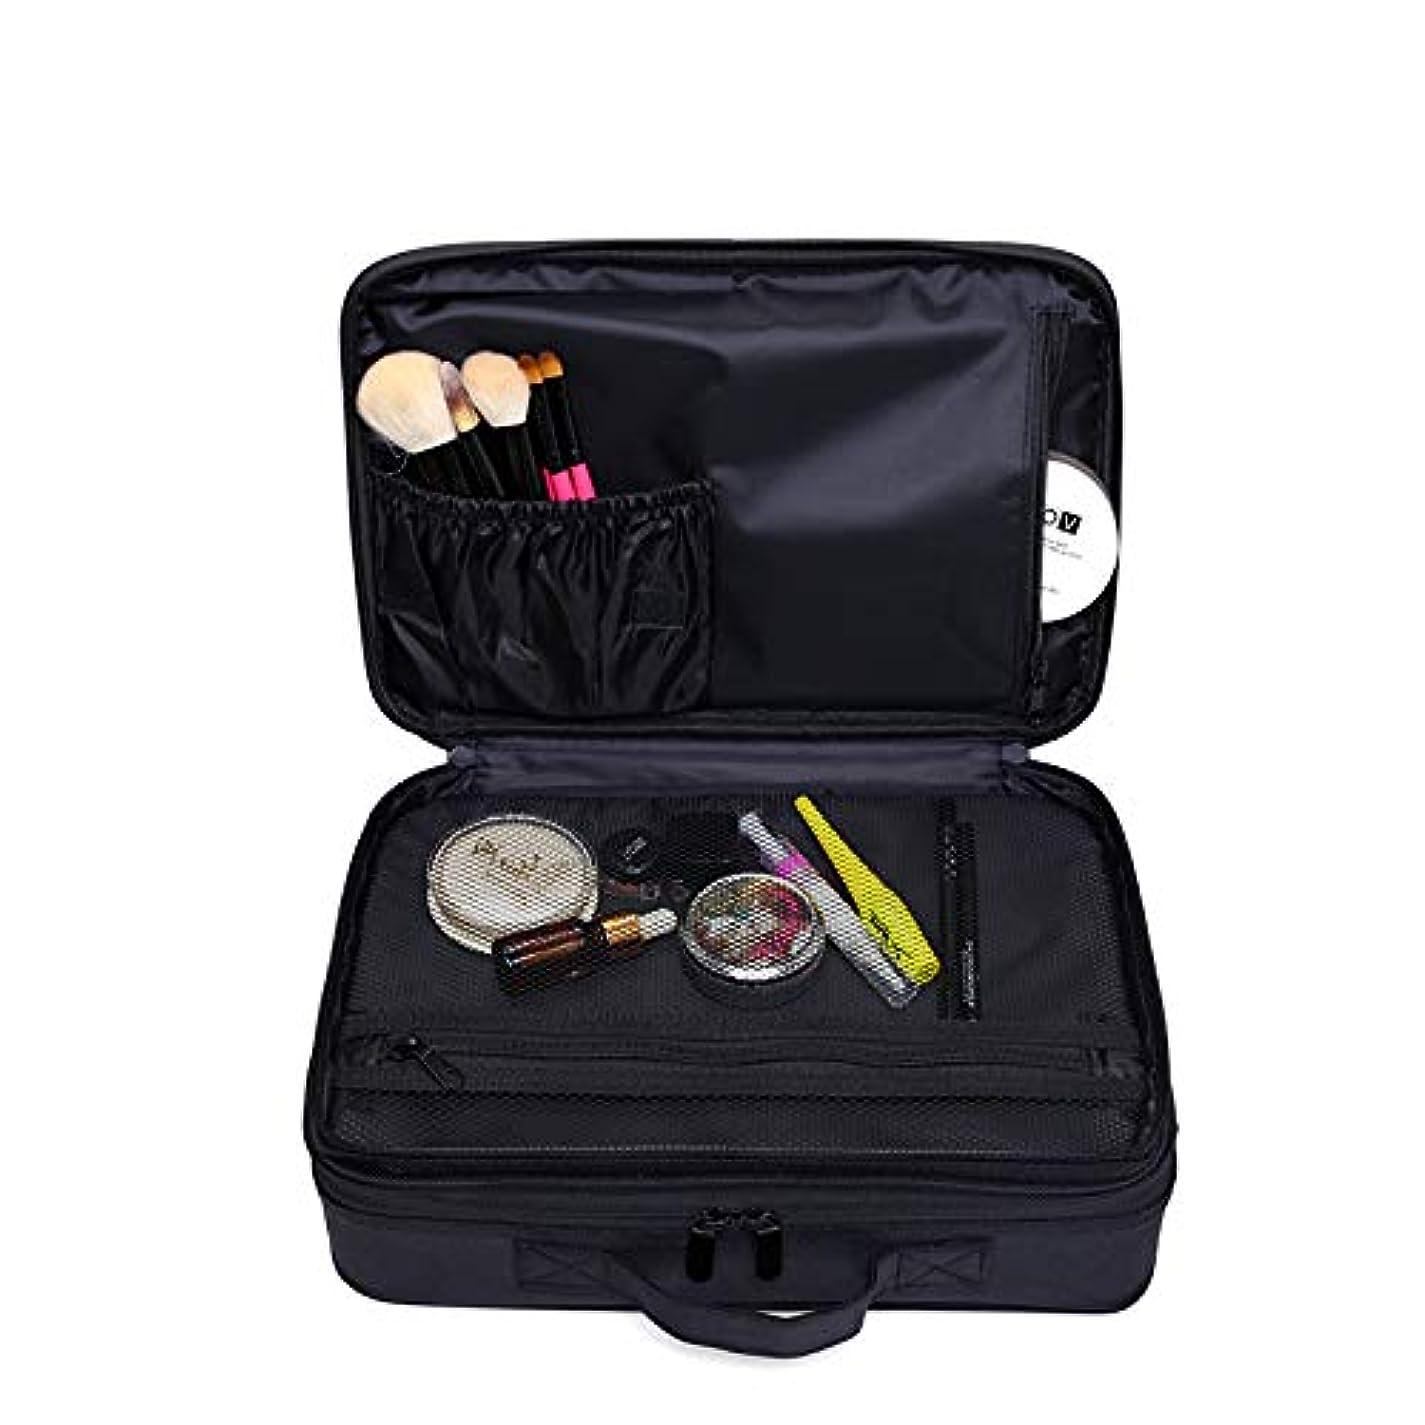 素朴なピースローラーメイクボックス 大容量 コスメボックス プロ用 持ち運び便利 高品質3層化粧箱 收納抜群コスメ収納 多機能 旅行用 ブラック